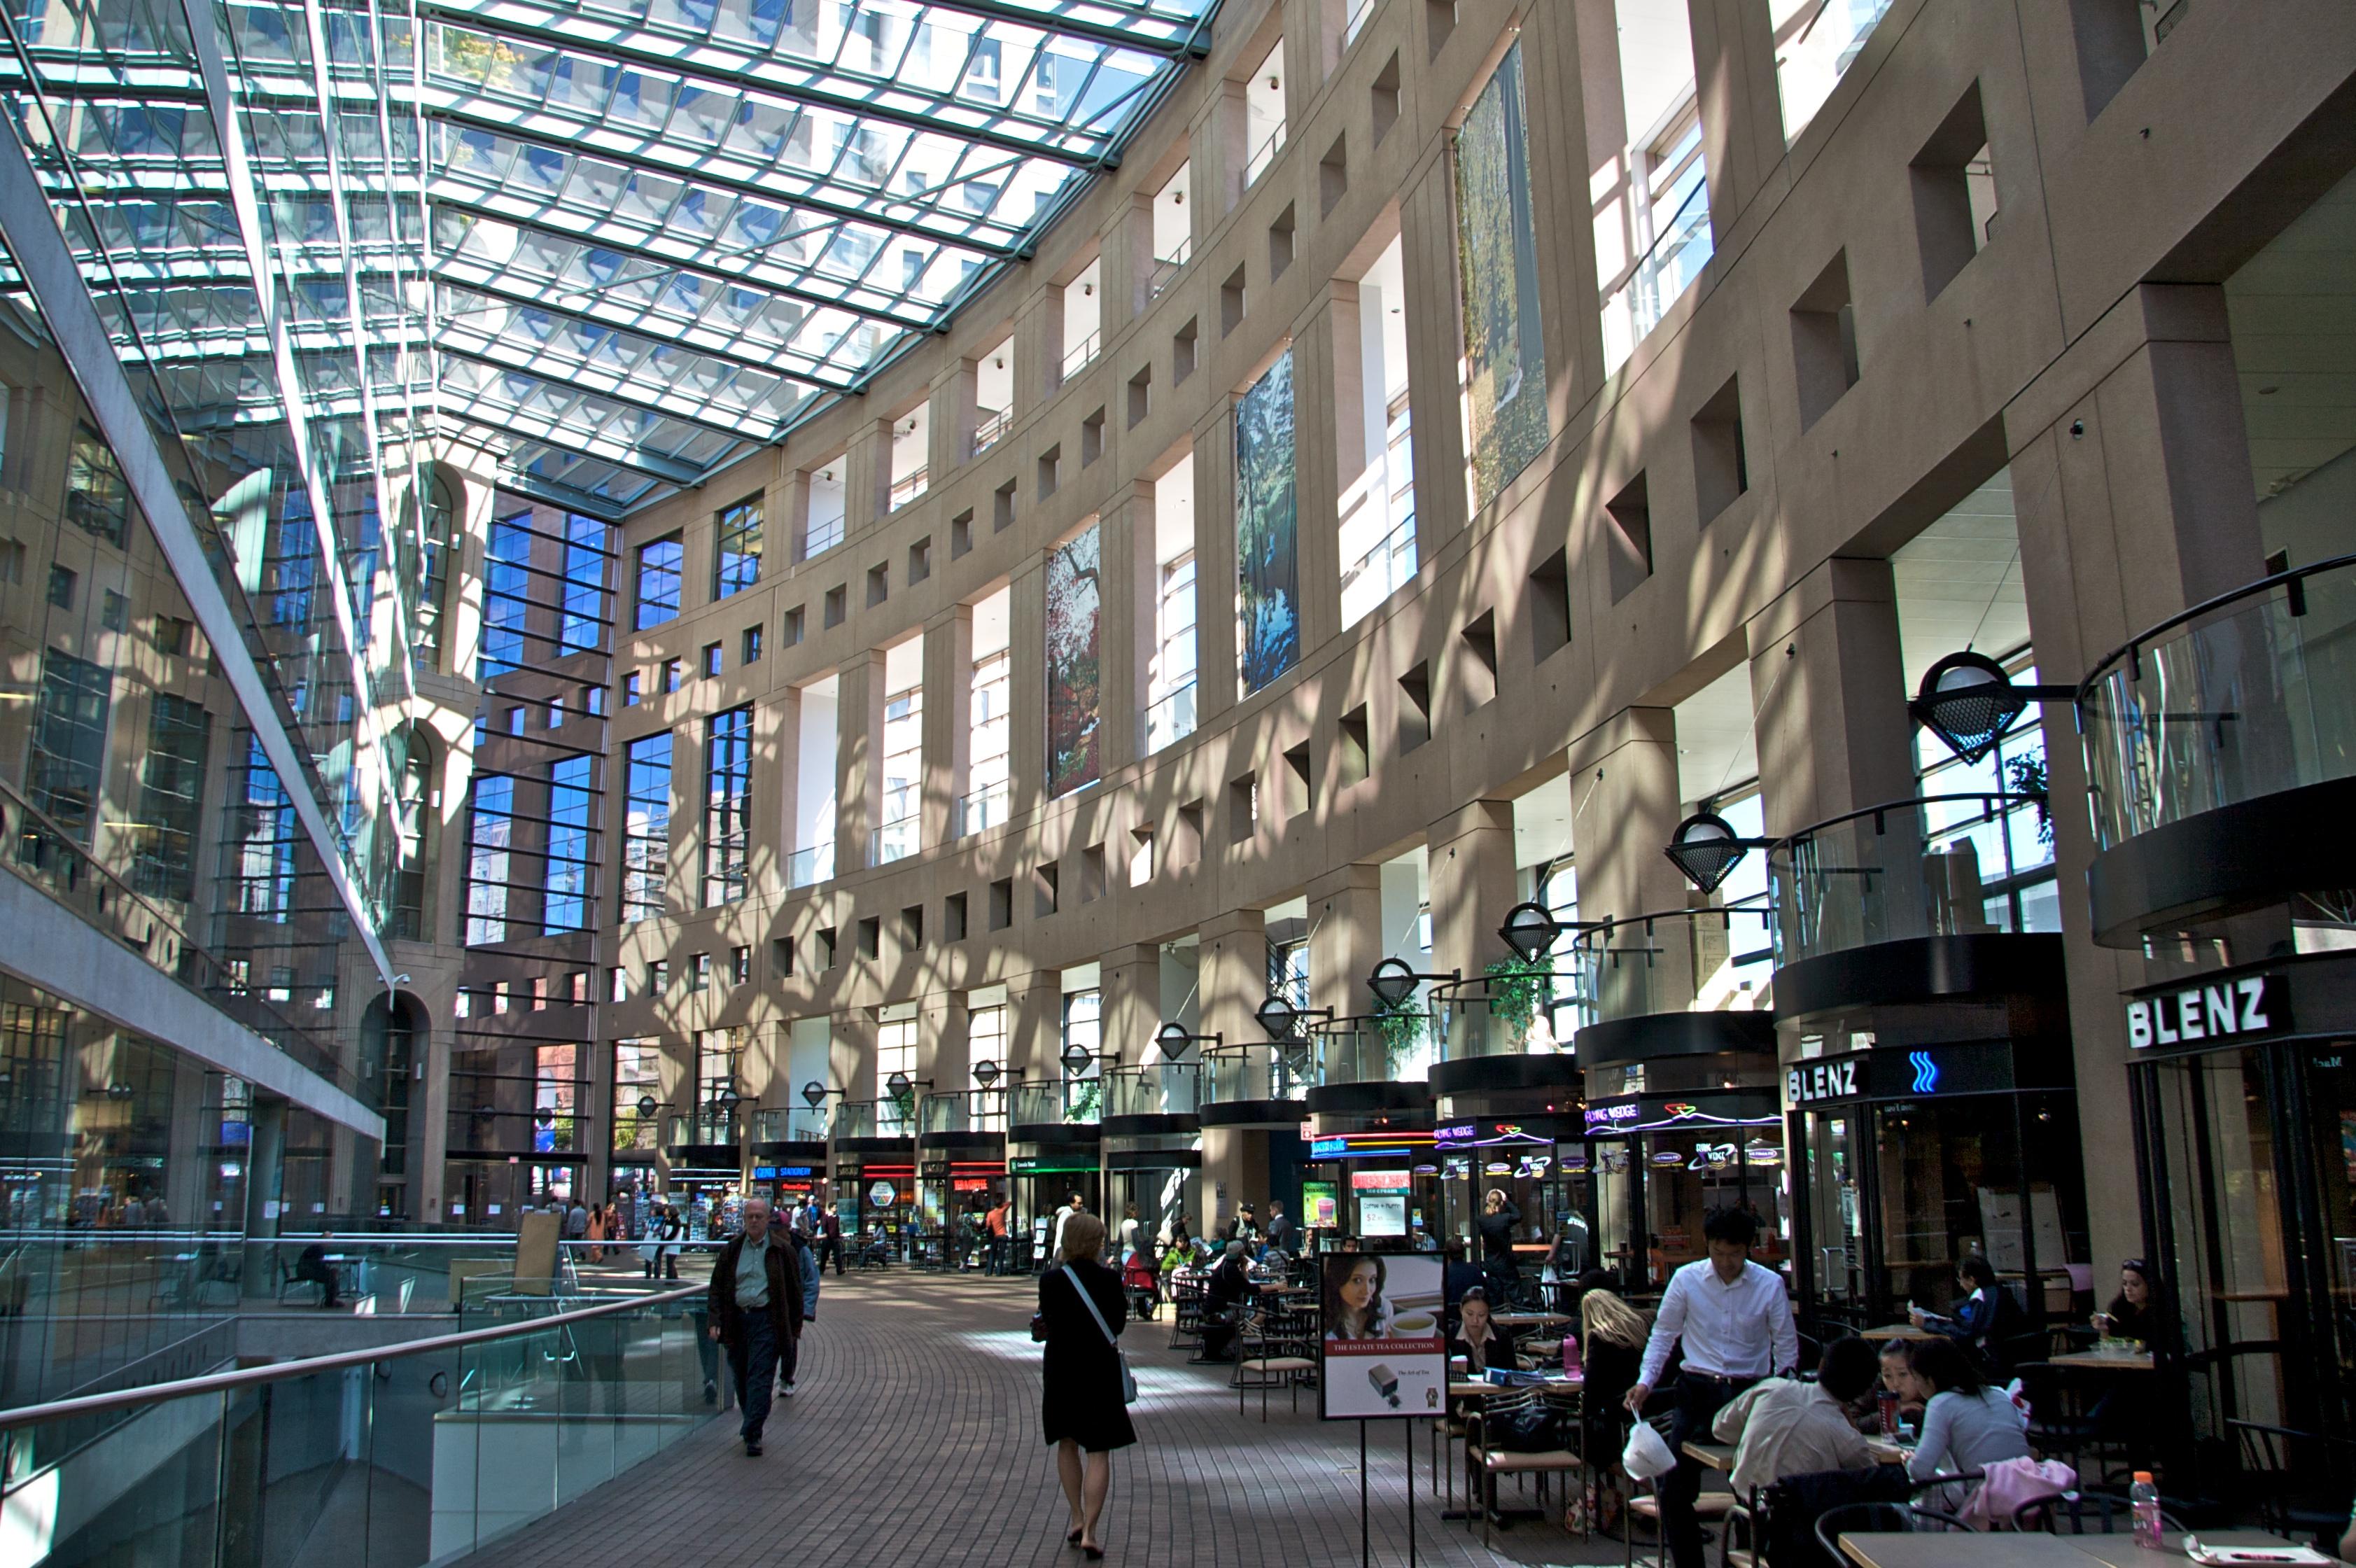 Vancouver public library architecture pinterest